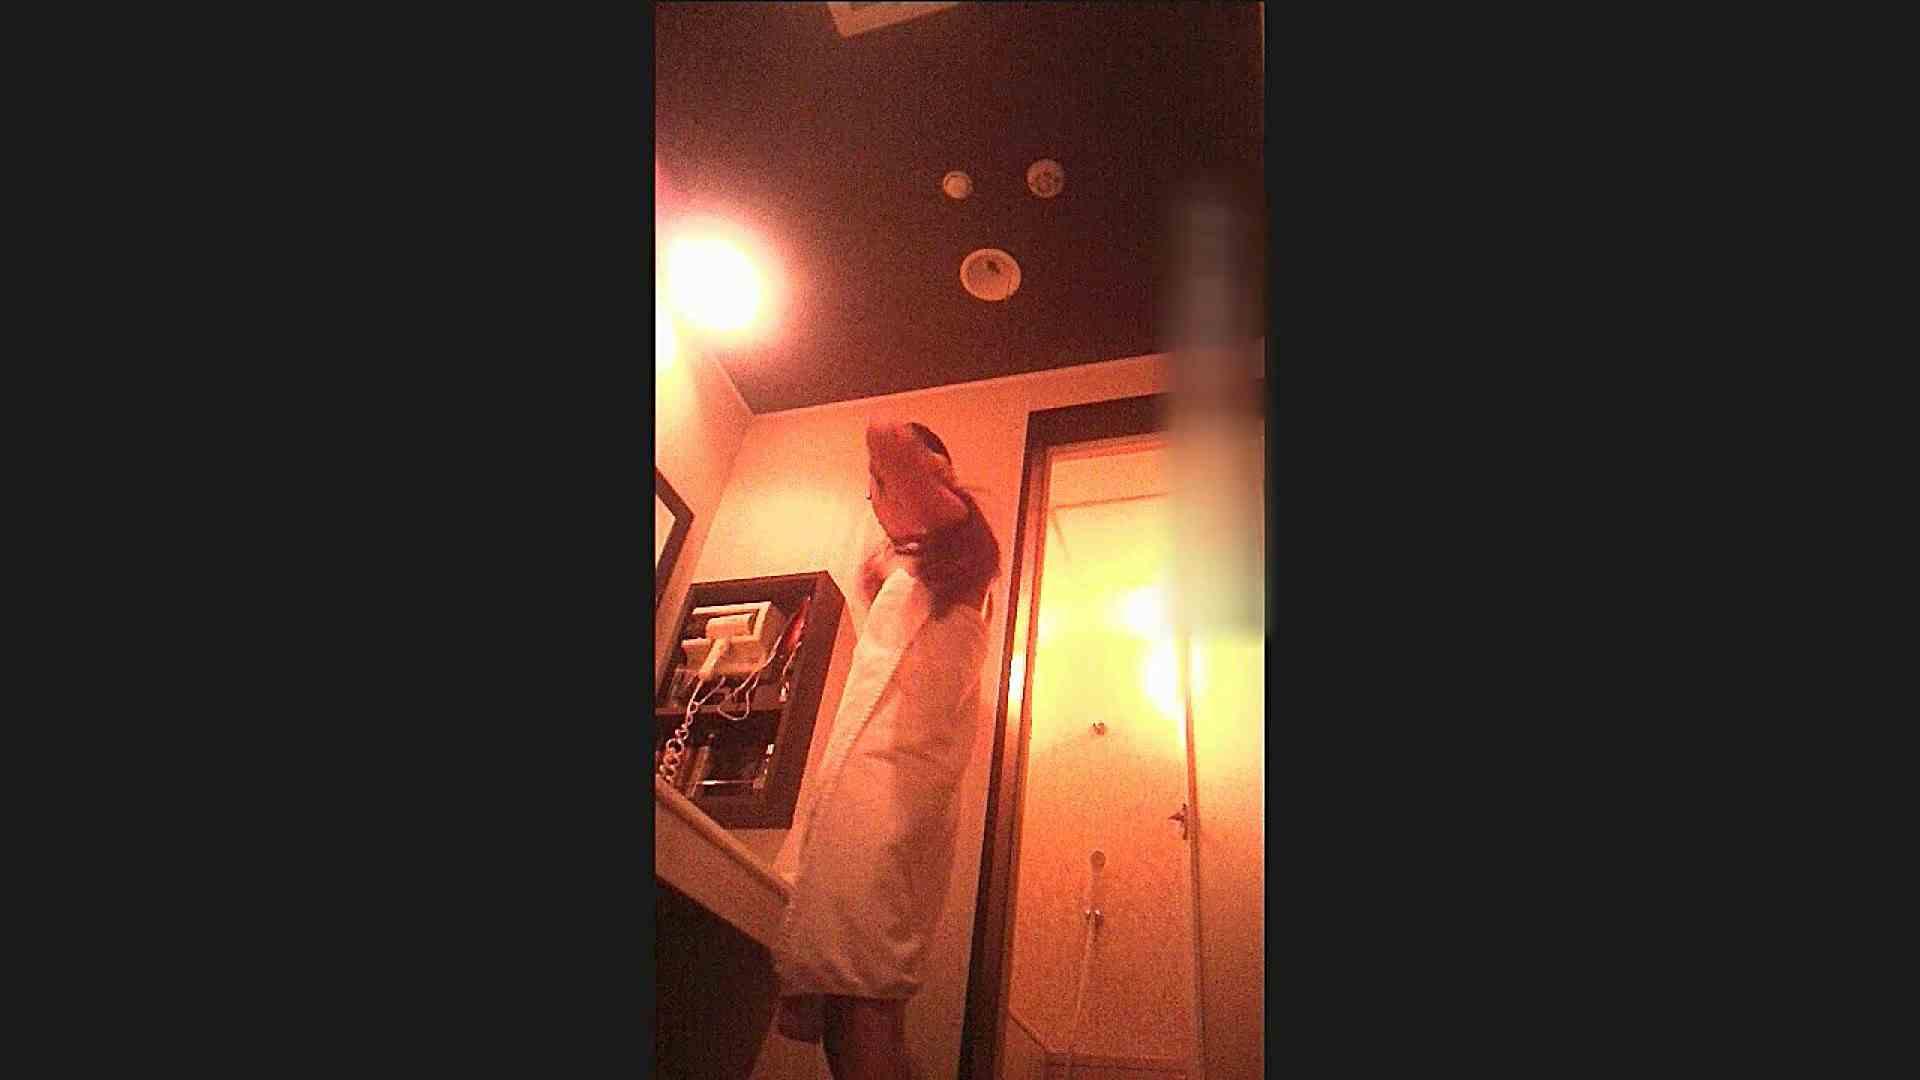 厚化粧はこの日だけ。。 ひまるちゃん Vol. 20  脱衣編 美肌 おめこ無修正動画無料 109枚 12